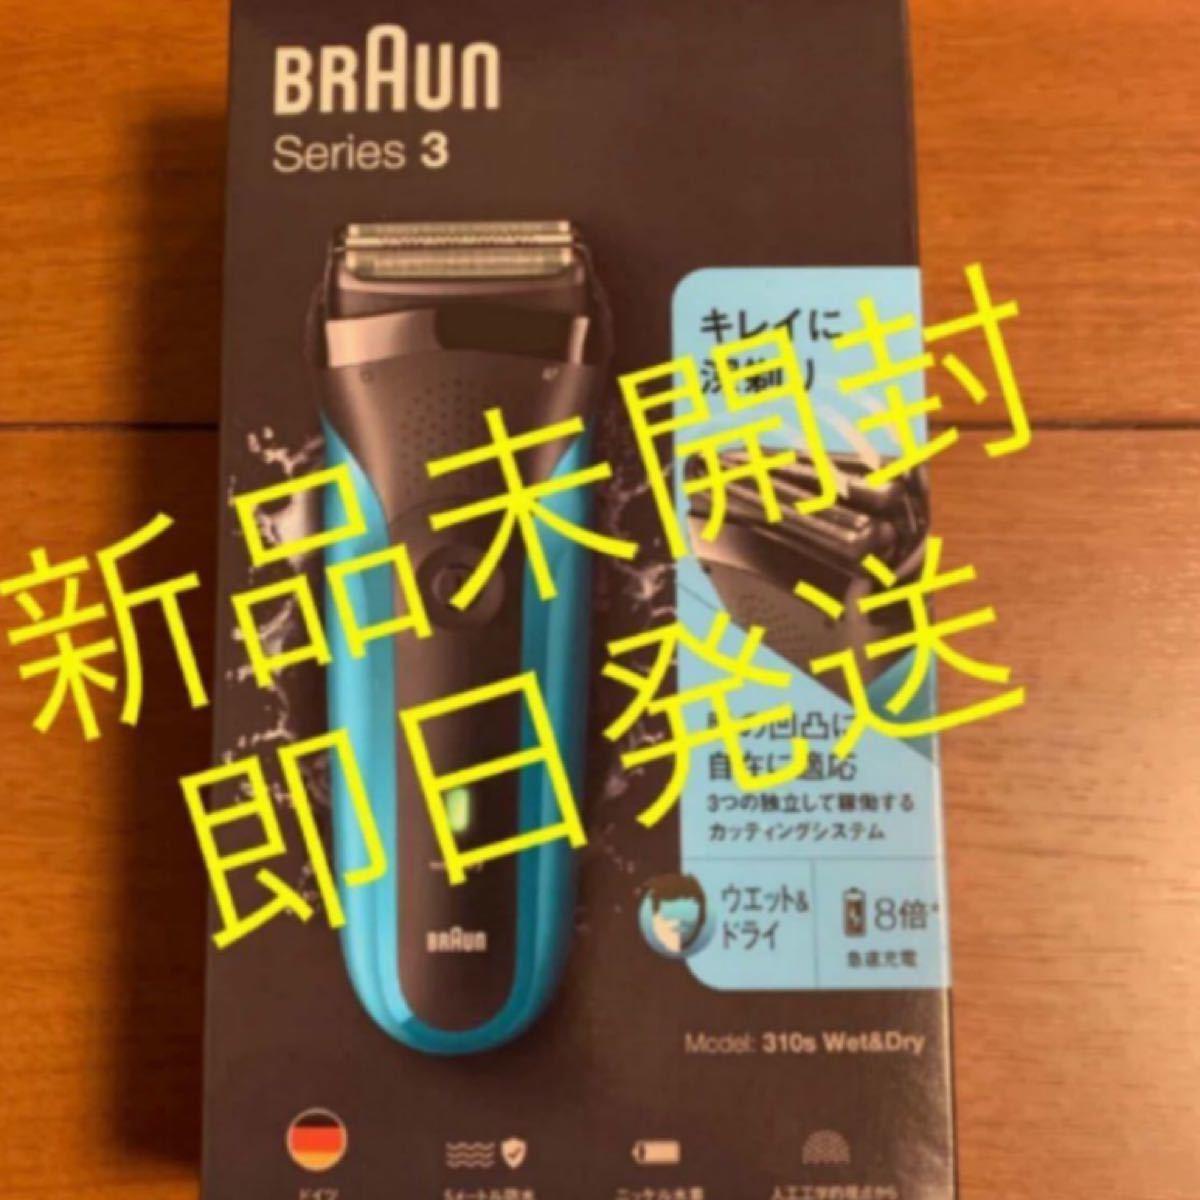 BRAUN ブラウン シリーズ3 電気シェーバー ブラウンシェーバー 送料無料 3枚刃 310S Series3